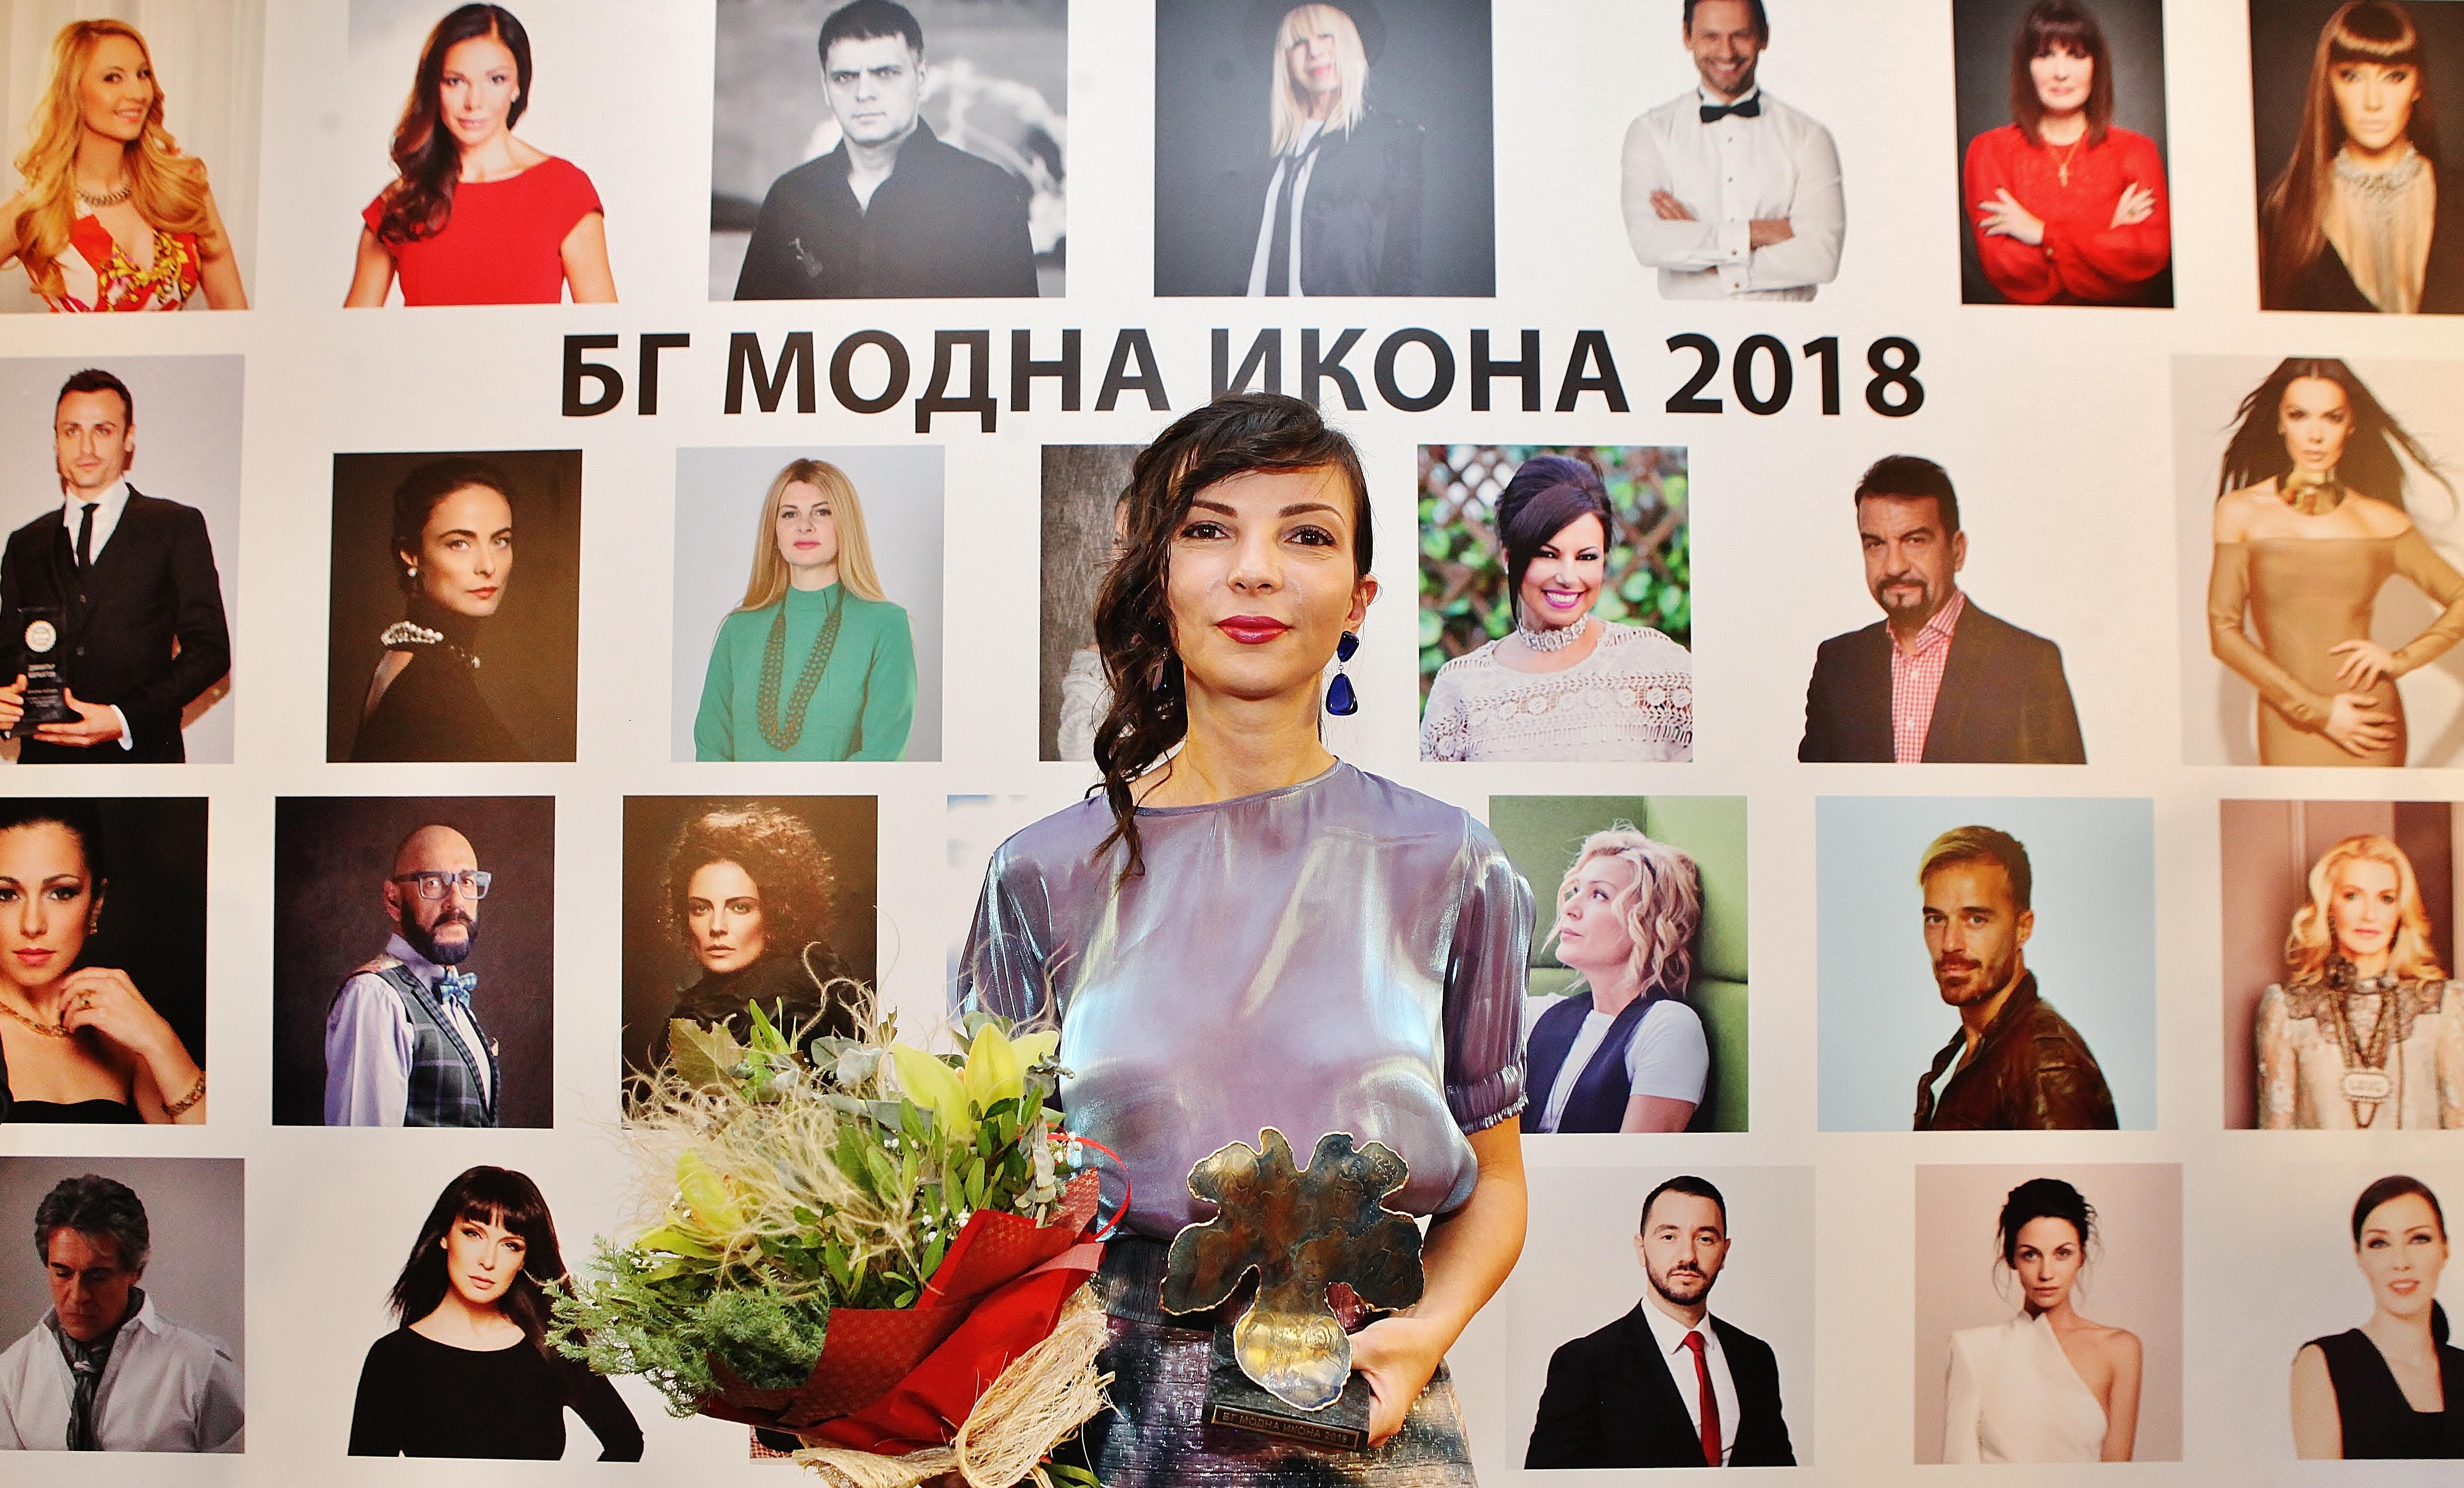 """Жаклин Вагенщайн получи приза """"БГ модна икона"""" в категория """"Култура""""."""